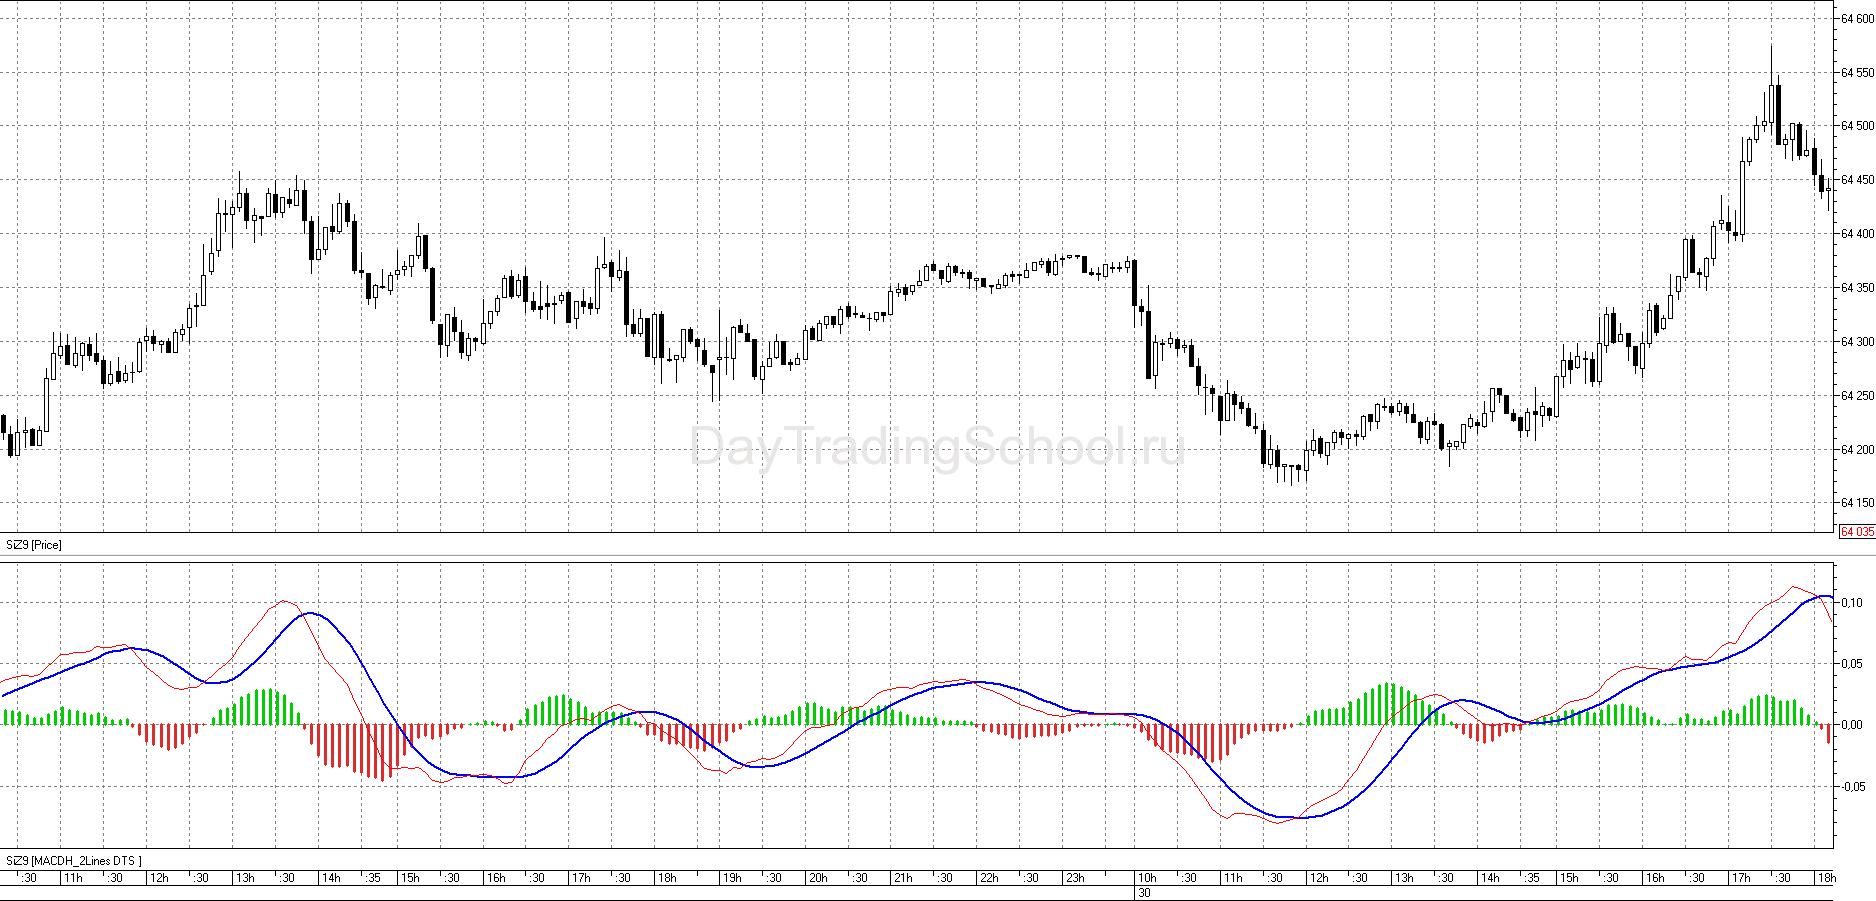 индикатора-MACD-на-графике1